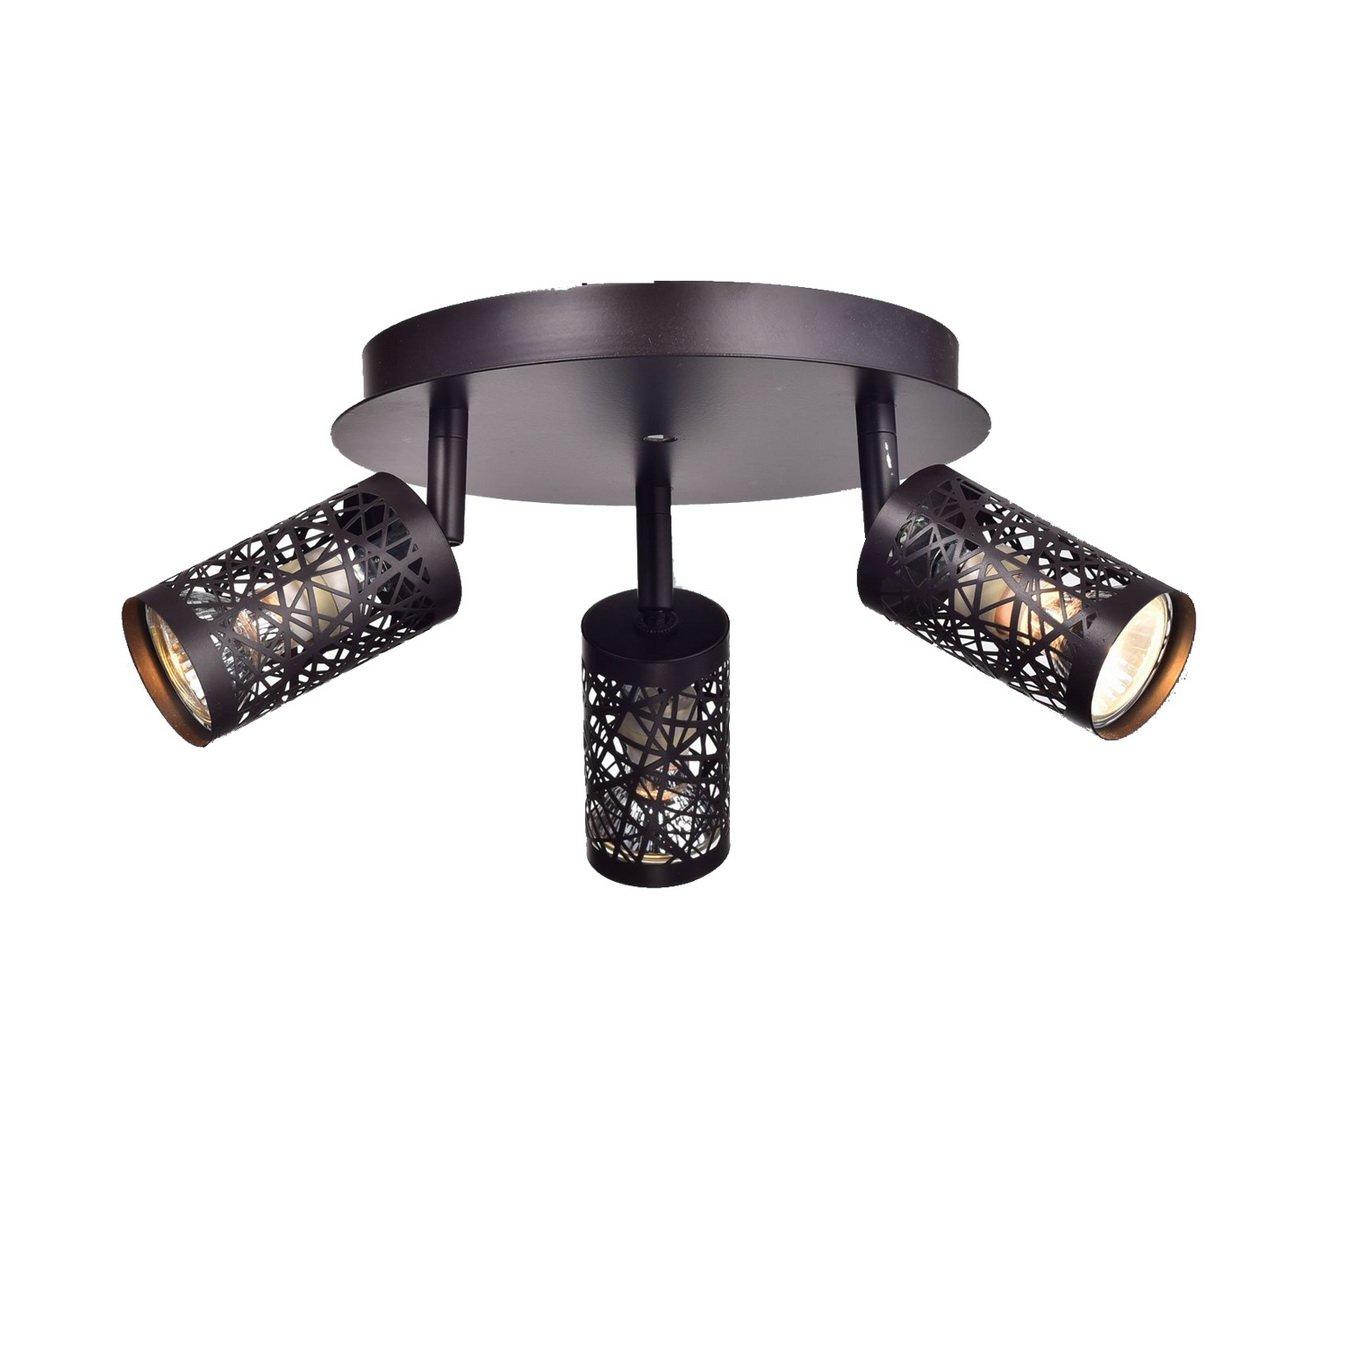 YOBO Lighting Vintage 3-Light GU10 Ceiling Spot Track Light, Oil Rubbed Bronze by YOBO Lighting